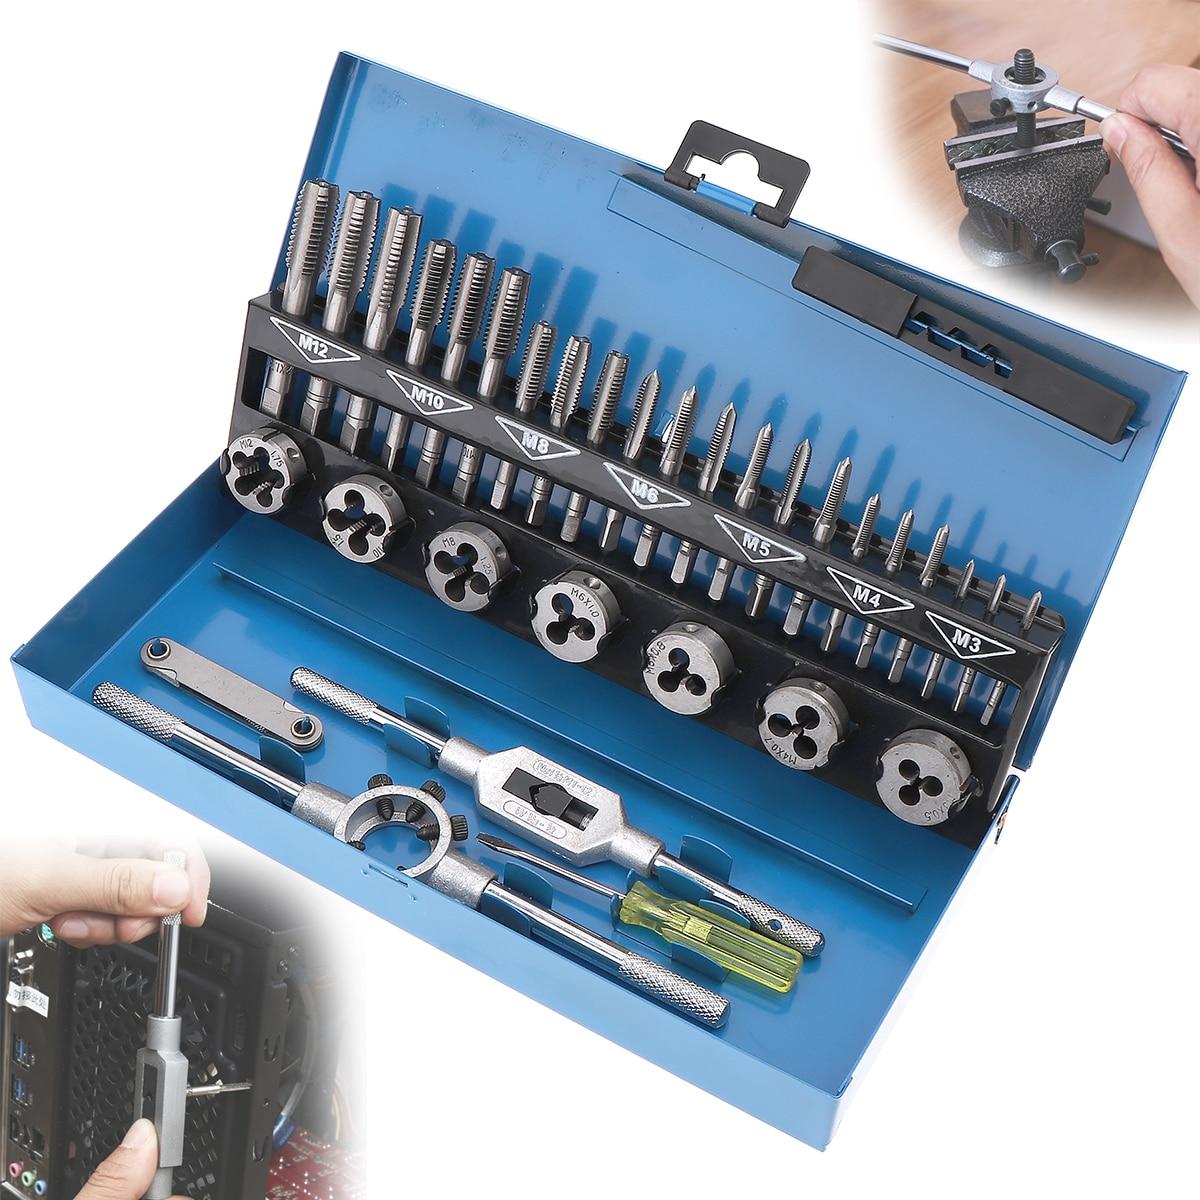 Metric thread gauge 32pcs/set HSS Metric M3 M12 Tap & Die Set 1st 2nd & Plug Finishing for Metalworking